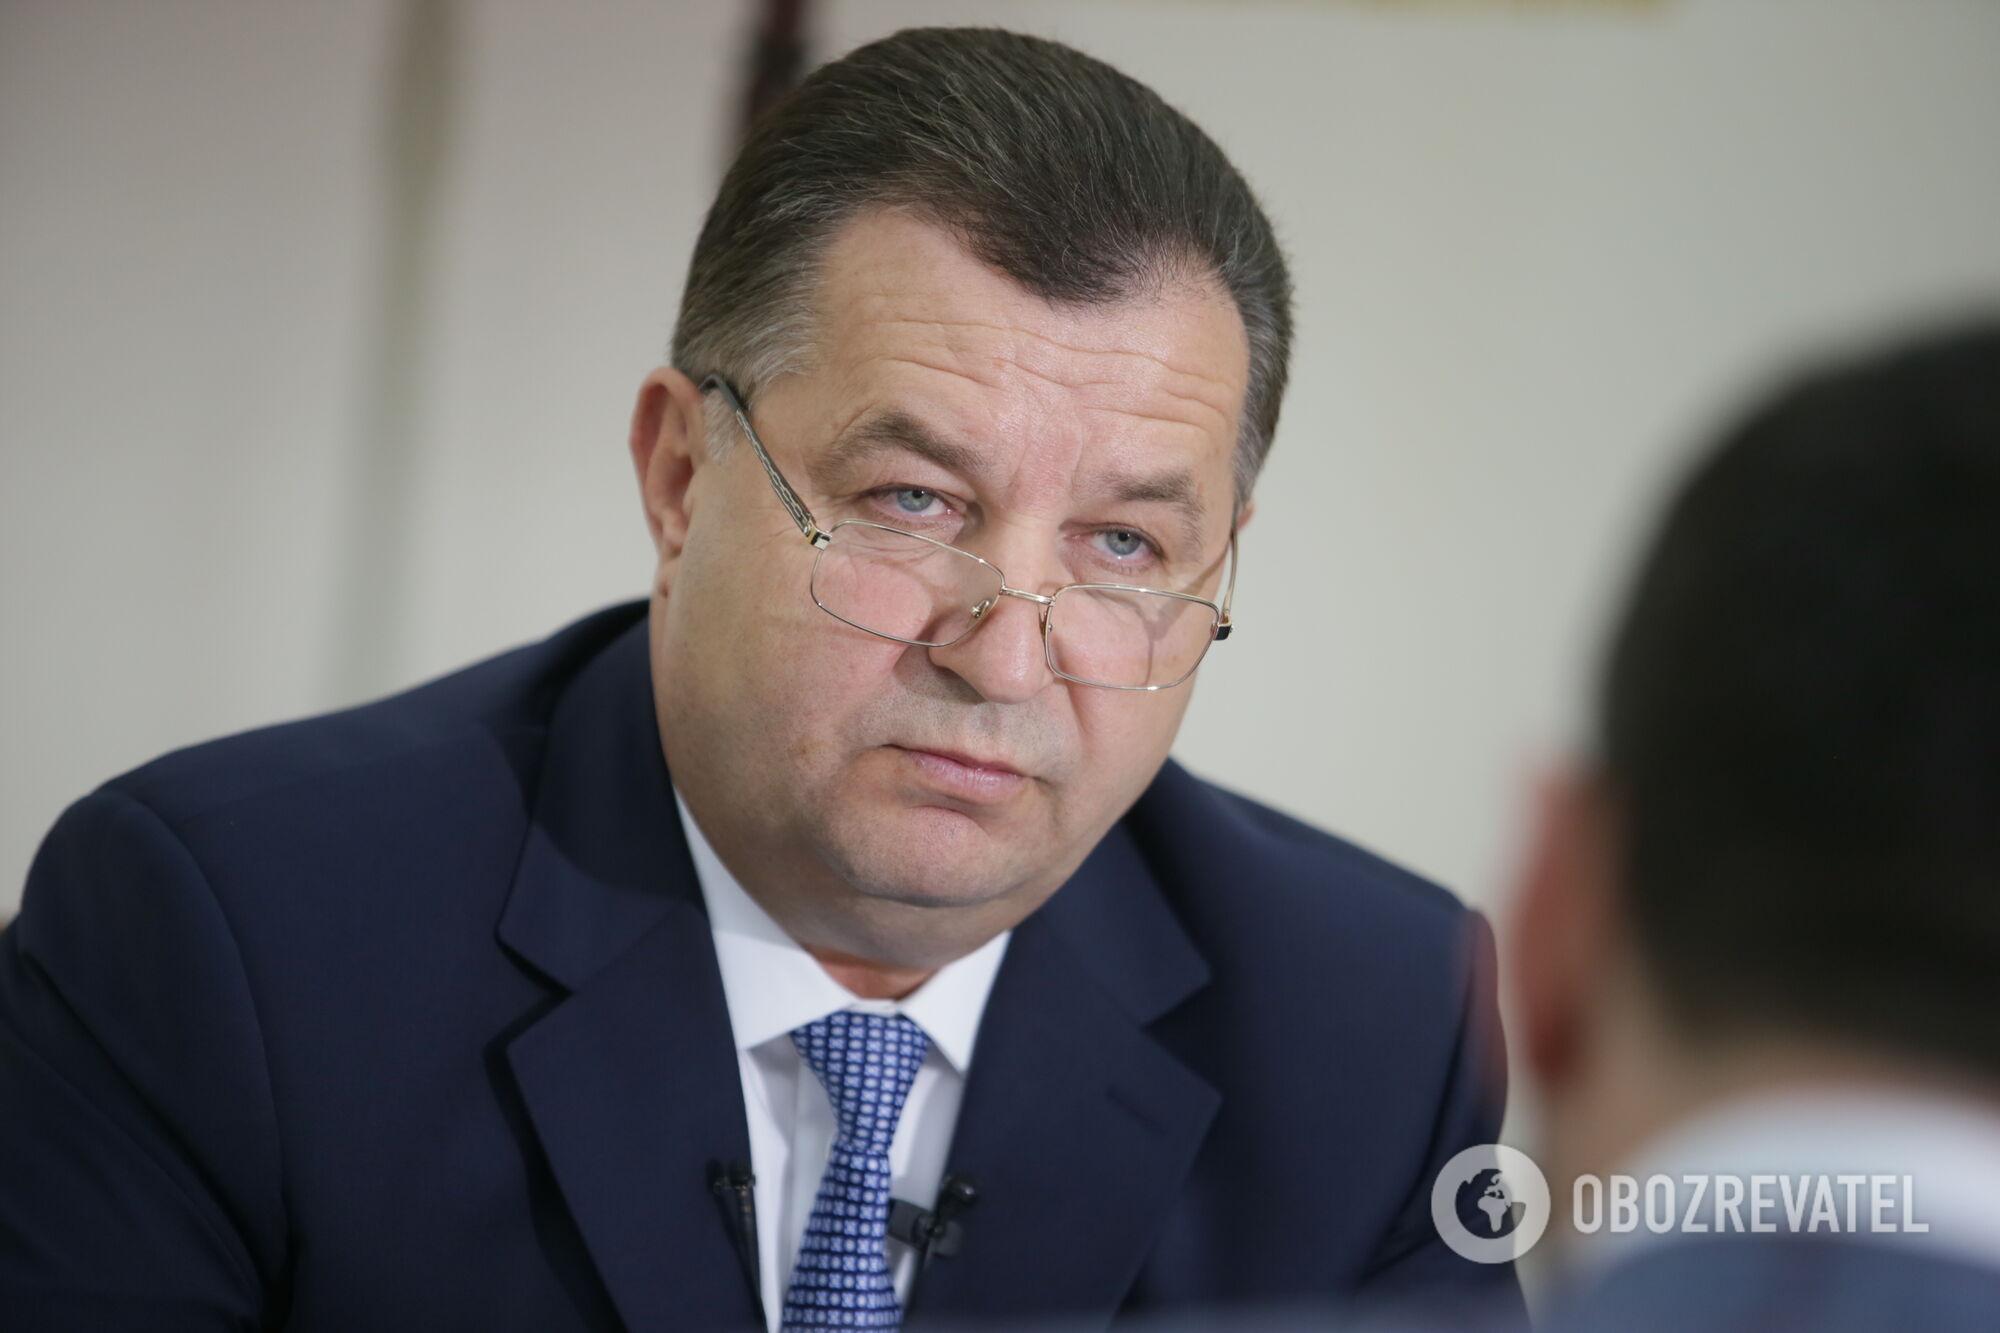 РФ развернула на границе с Украиной мощную группировку, но мы знаем ее слабые места, - Полторак